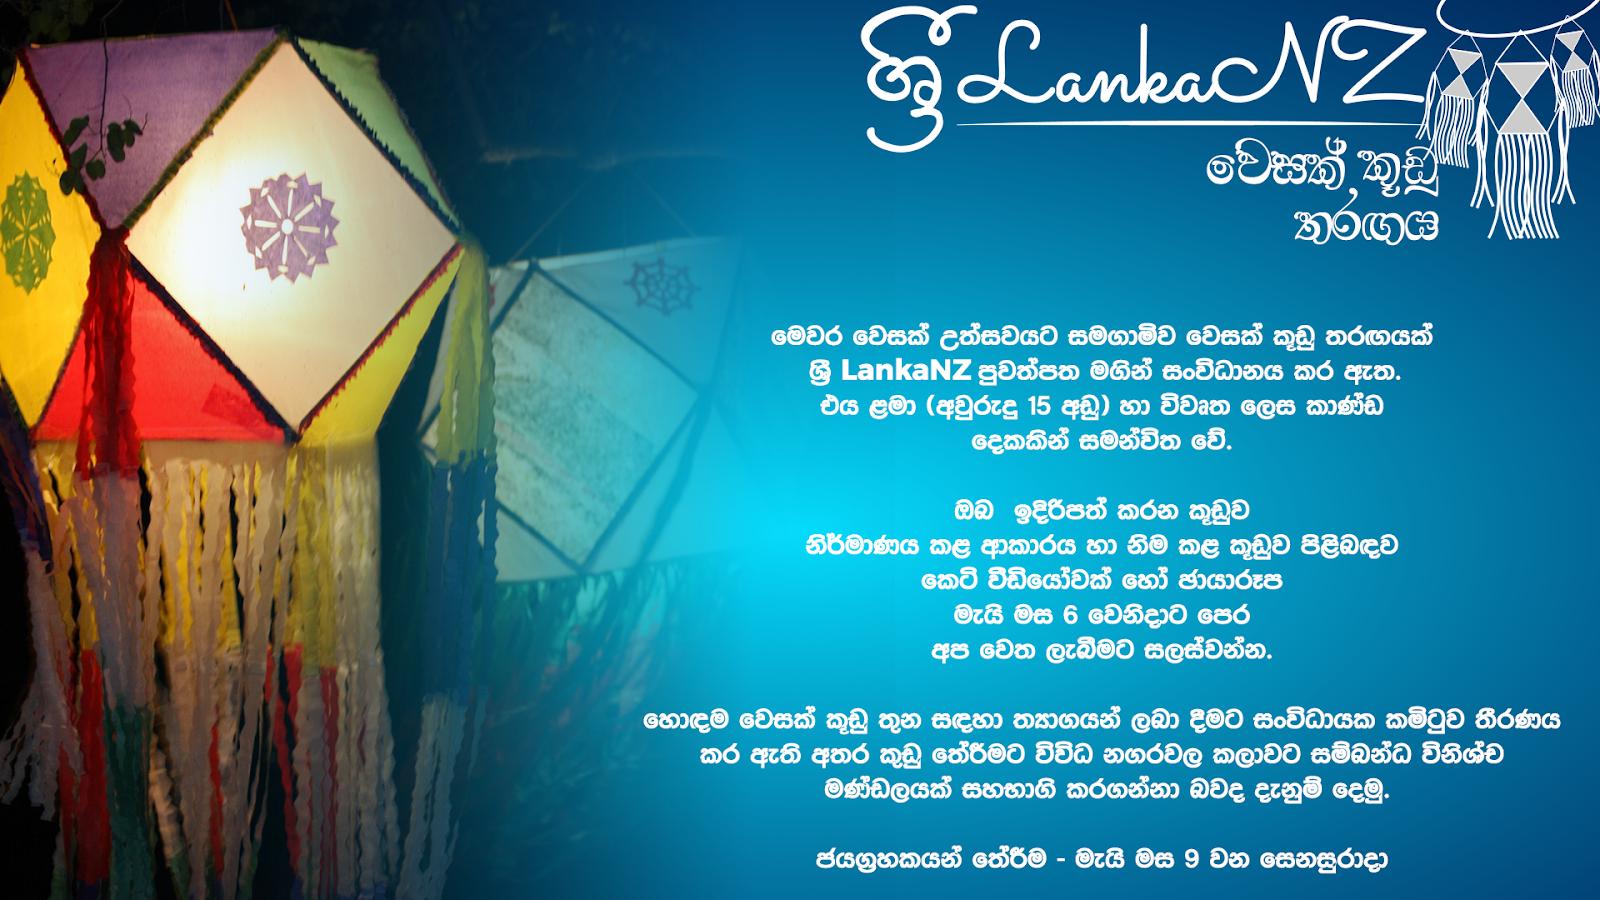 වෙසක් කූඩු තරඟය – srilankaNZ